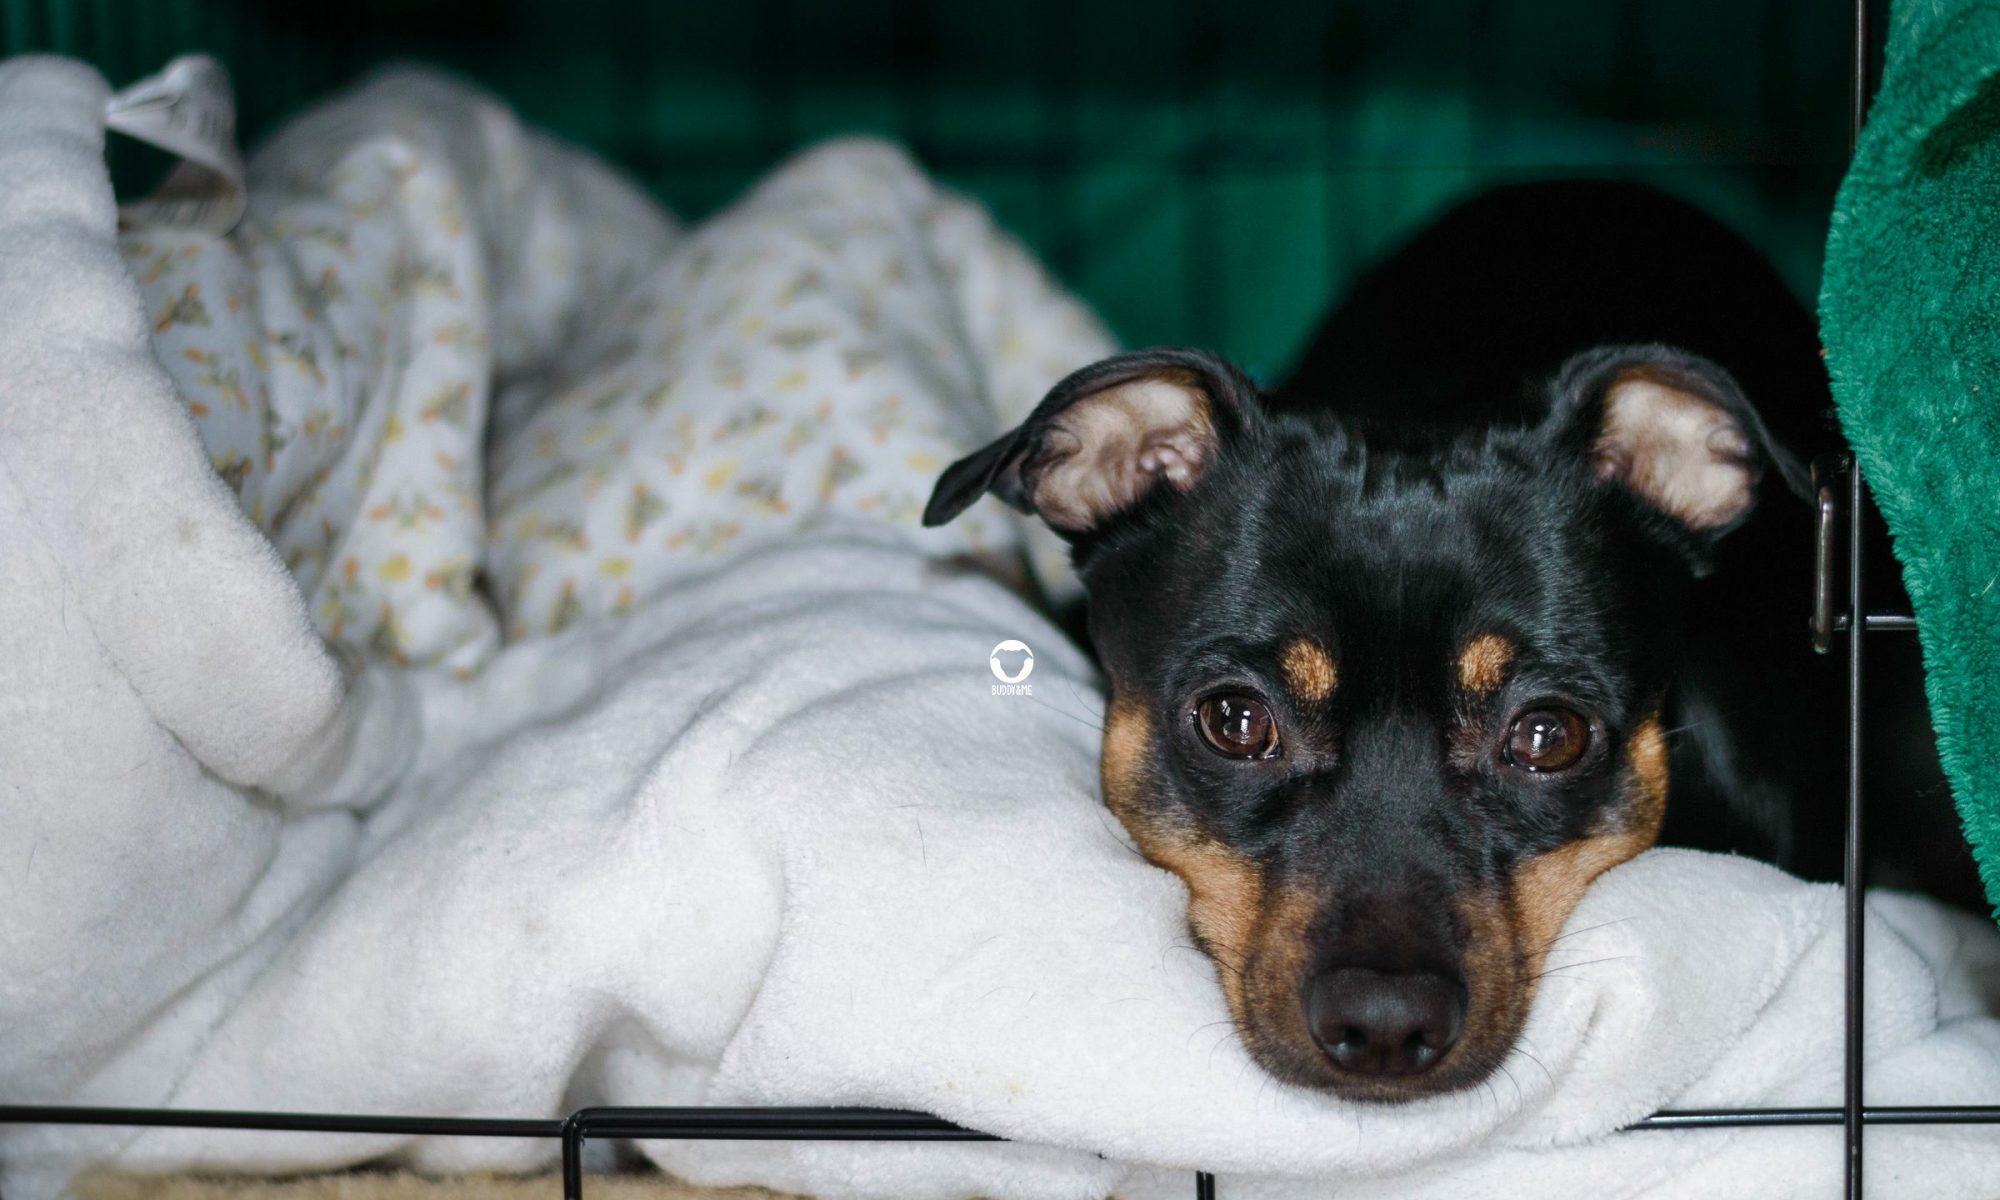 Pinscher Buddy, Buddy and Me, Hundeblog, Dogblog, Leben mit Hund, Ruhrgebiet, Silvester, Angst, Knallerei, Feuerwerk, Gewitter, Hundebox, Rückzugsort